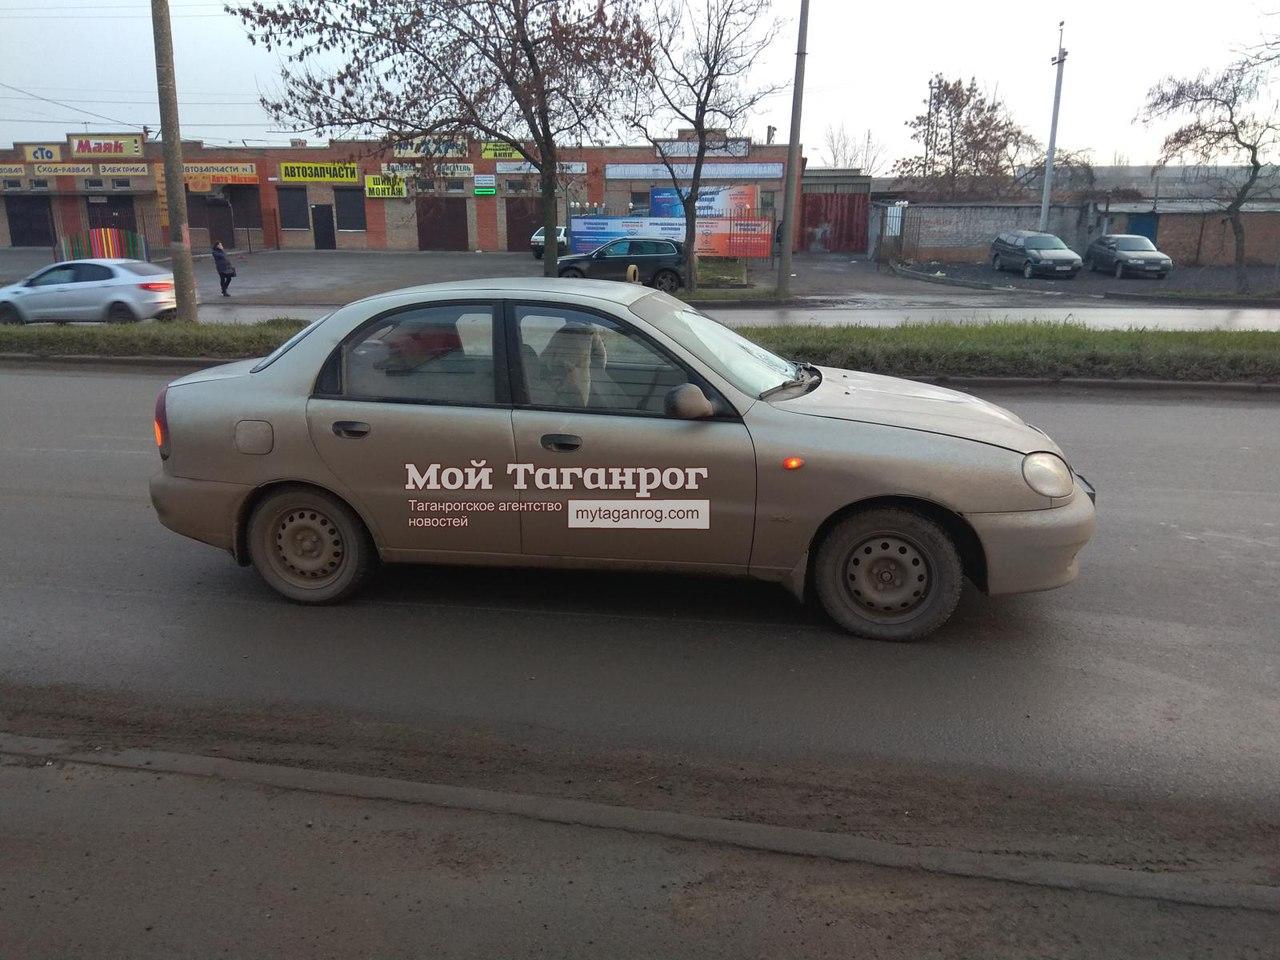 В Таганроге автоледи на Chevrolet Lanos сбила 50-летнюю женщину